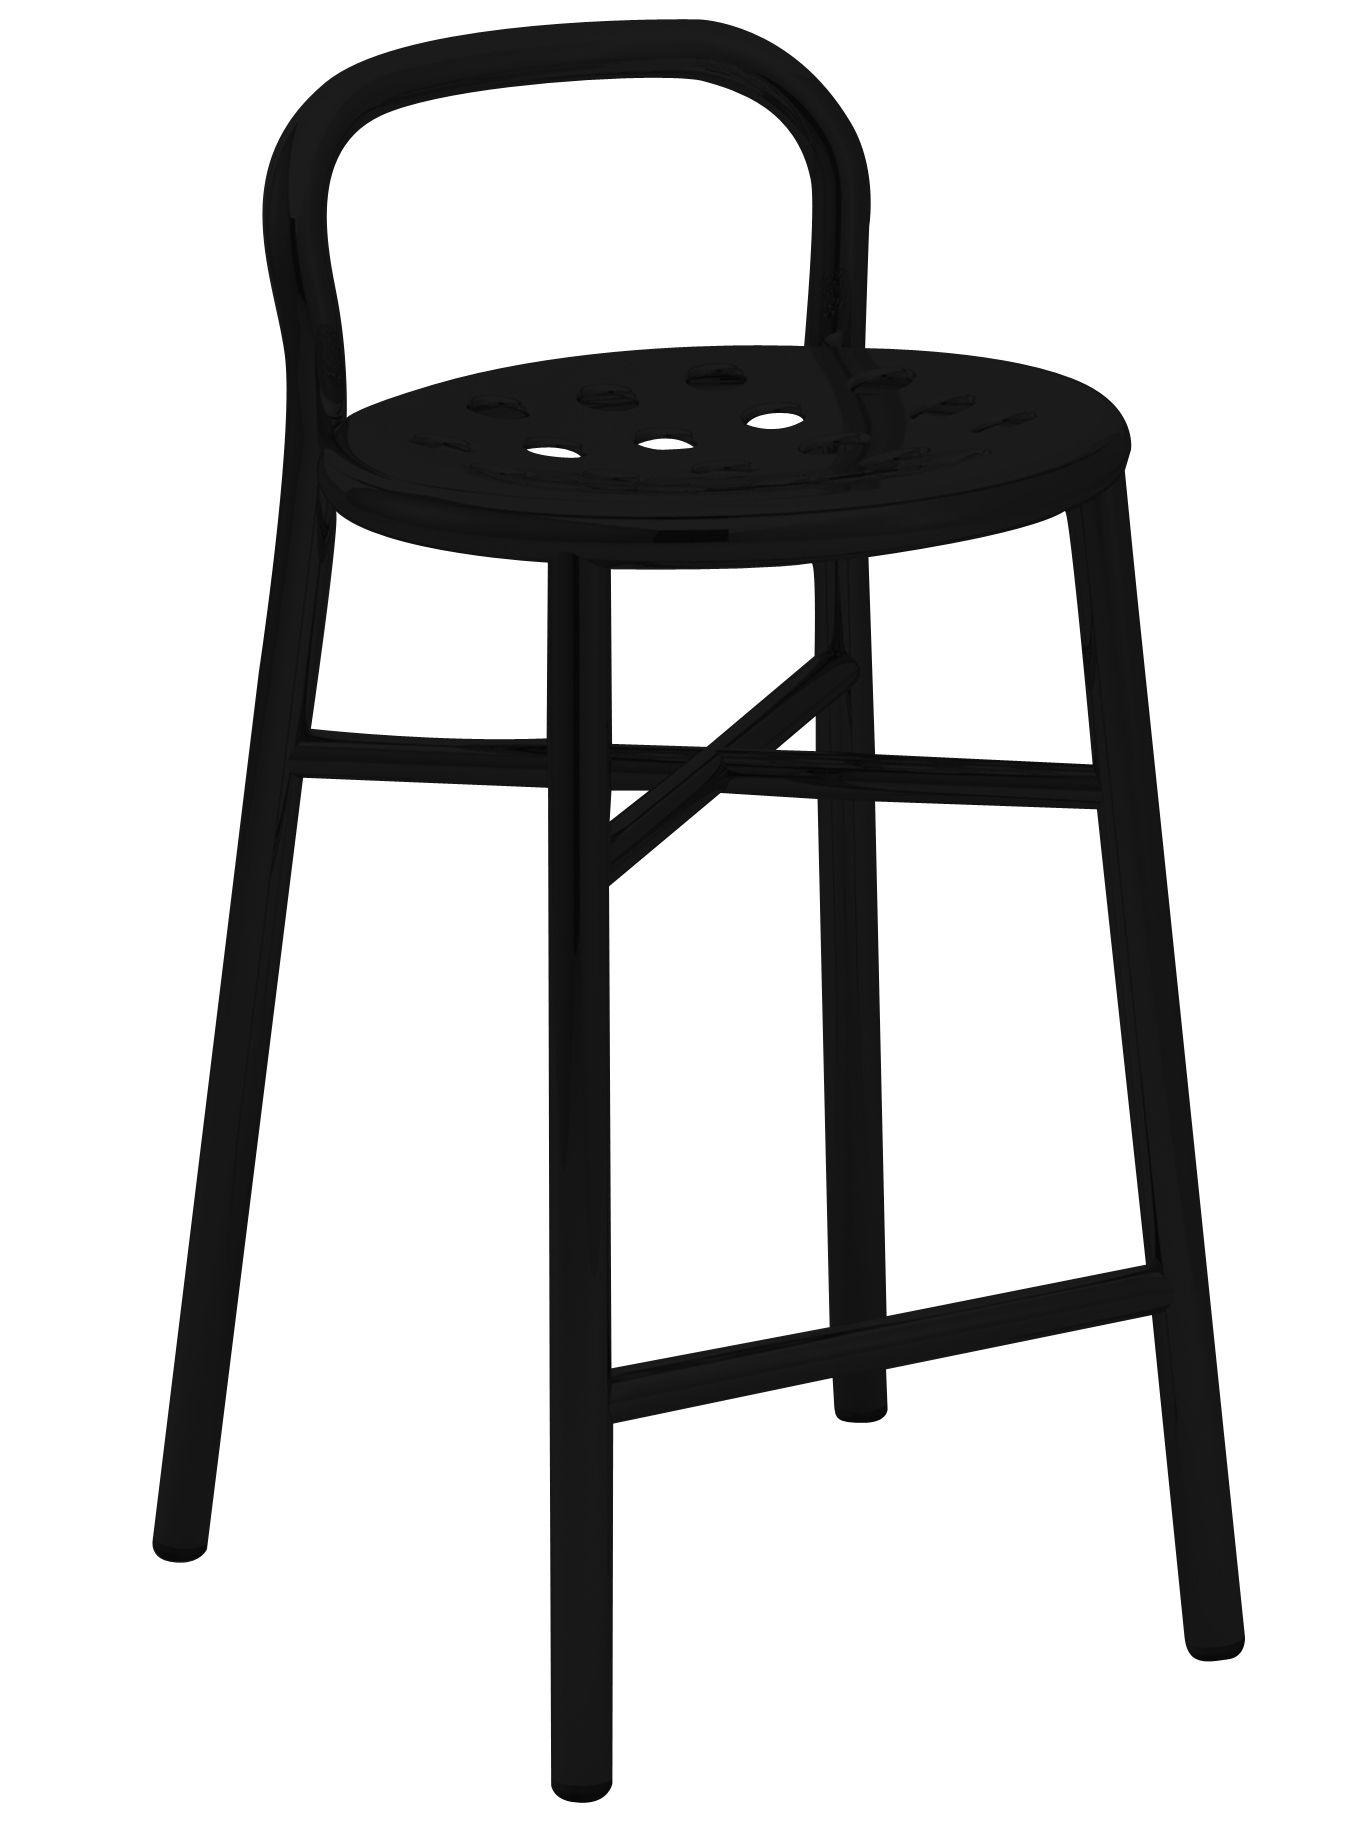 Arredamento - Sgabelli da bar  - Sgabello bar Pipe - h 67 cm di Magis - Nero - Acciaio verniciato, alluminio verniciato